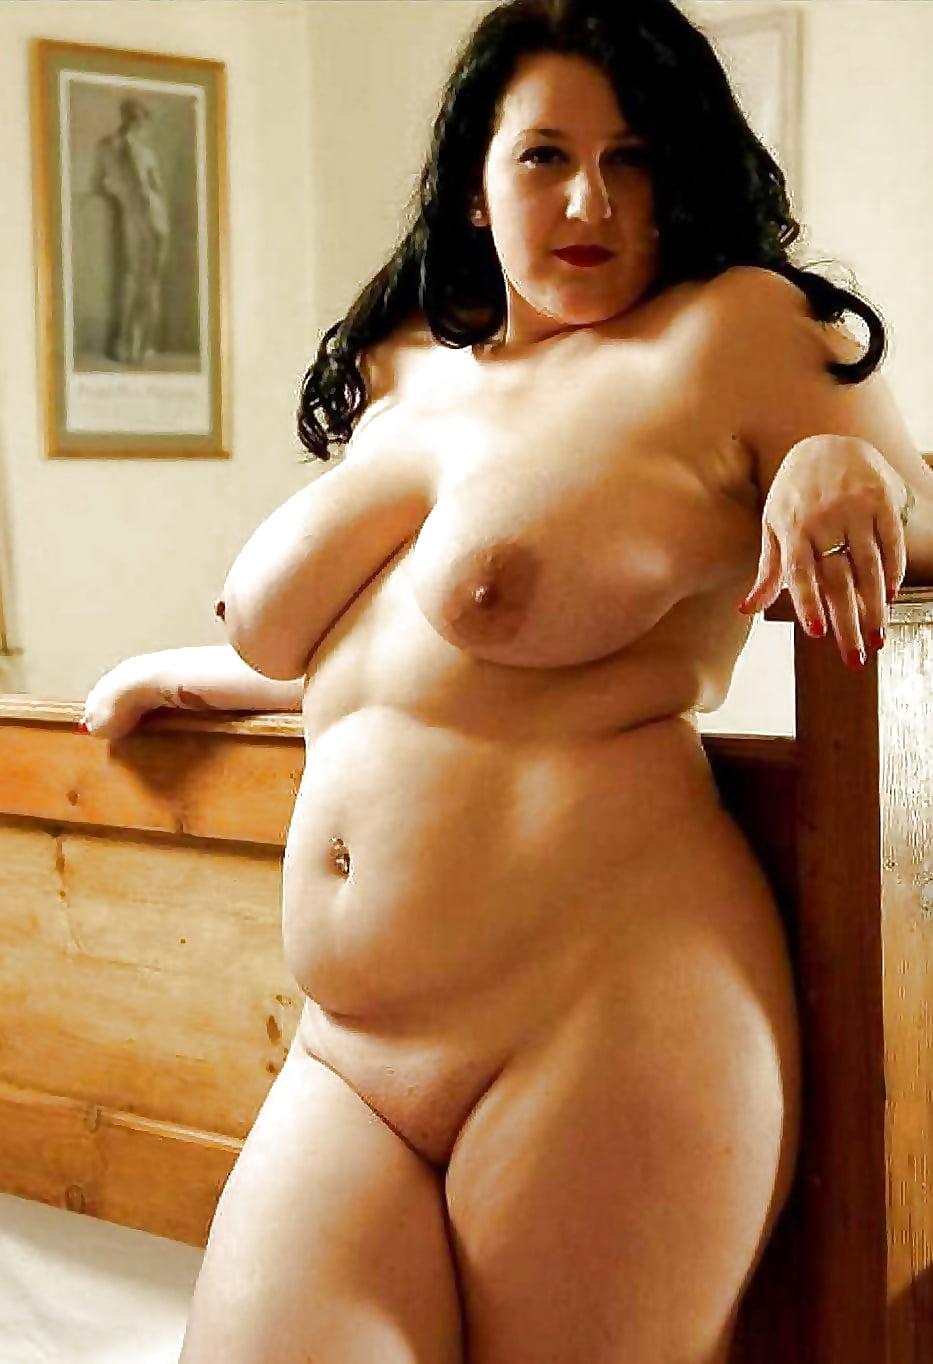 Невесту девичнике толстые жирные пышные сочные упитанные голые бабы